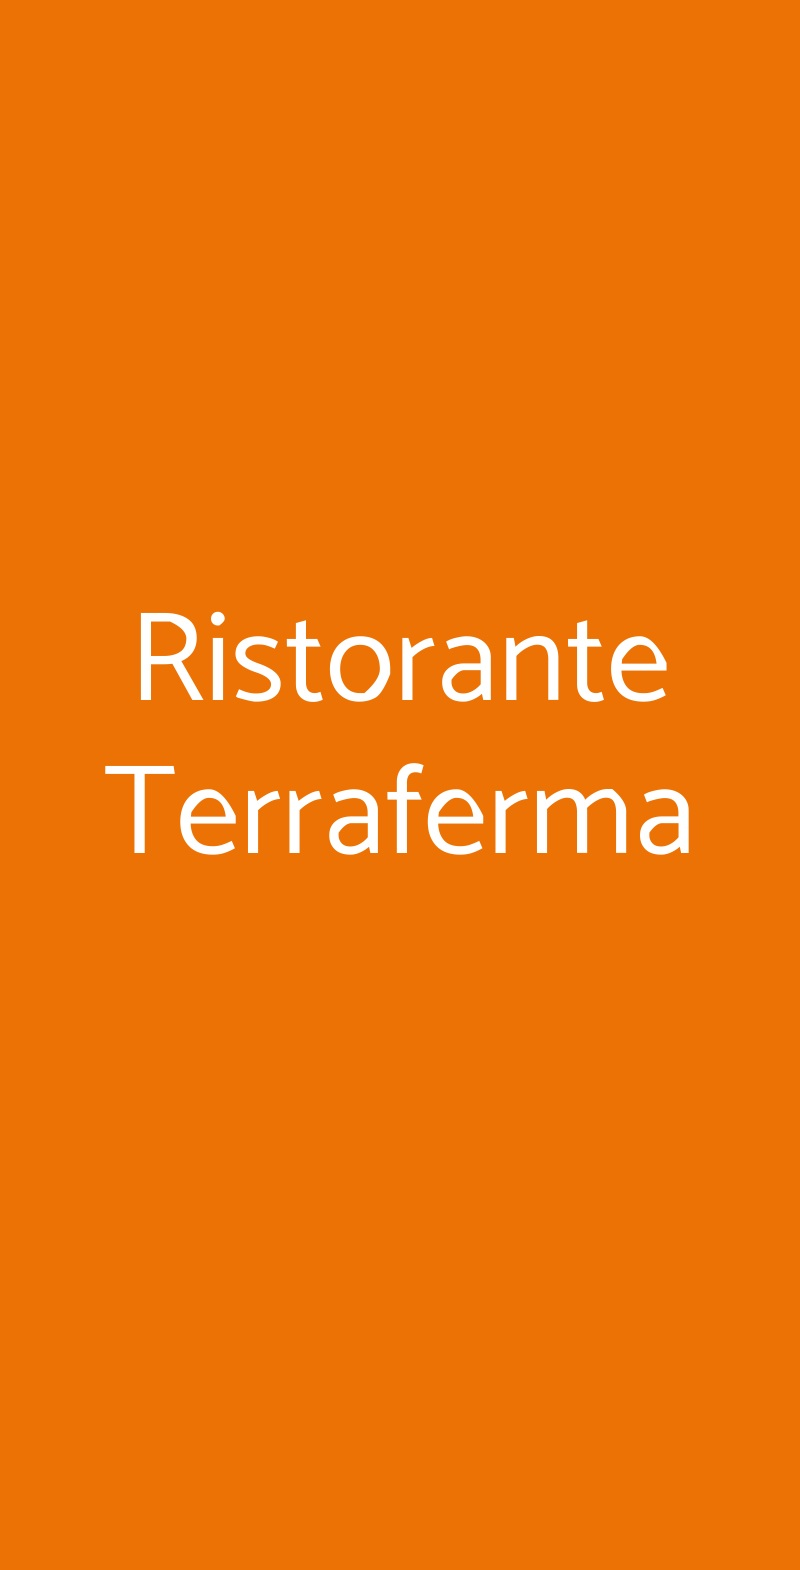 Ristorante Terraferma Milano menù 1 pagina